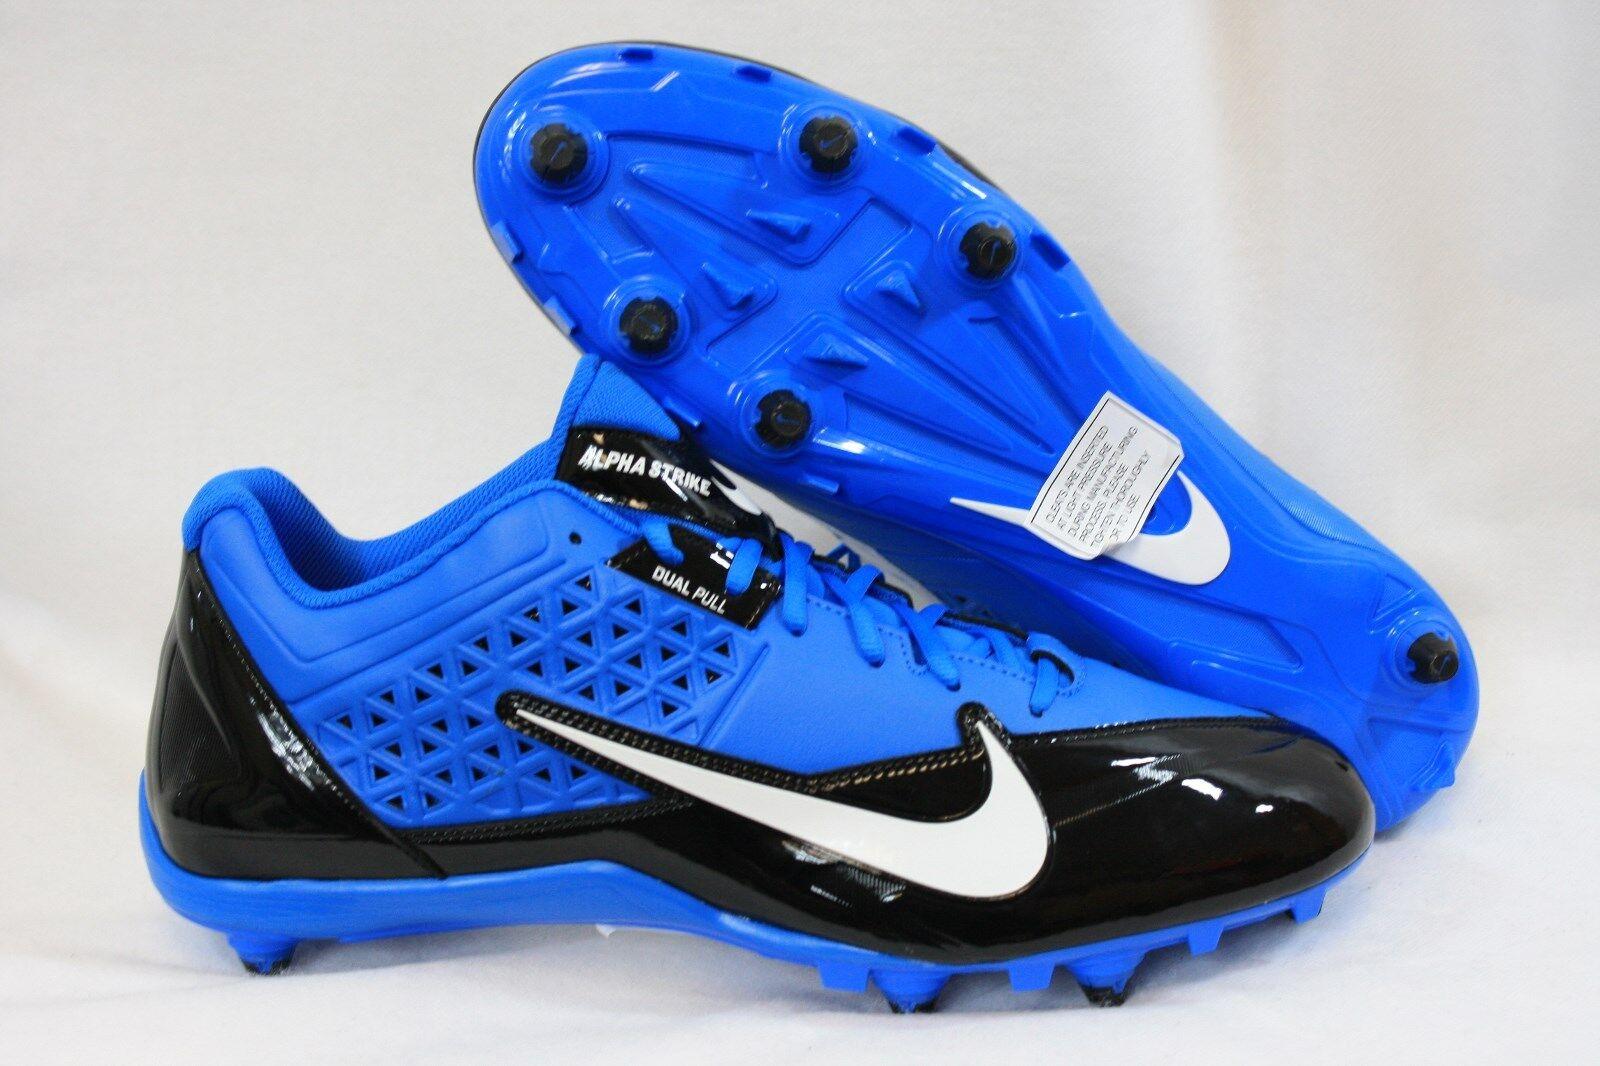 NEW Mens NIKE Alpha Strike D 579371 014 Photo bluee Football Cleats shoes